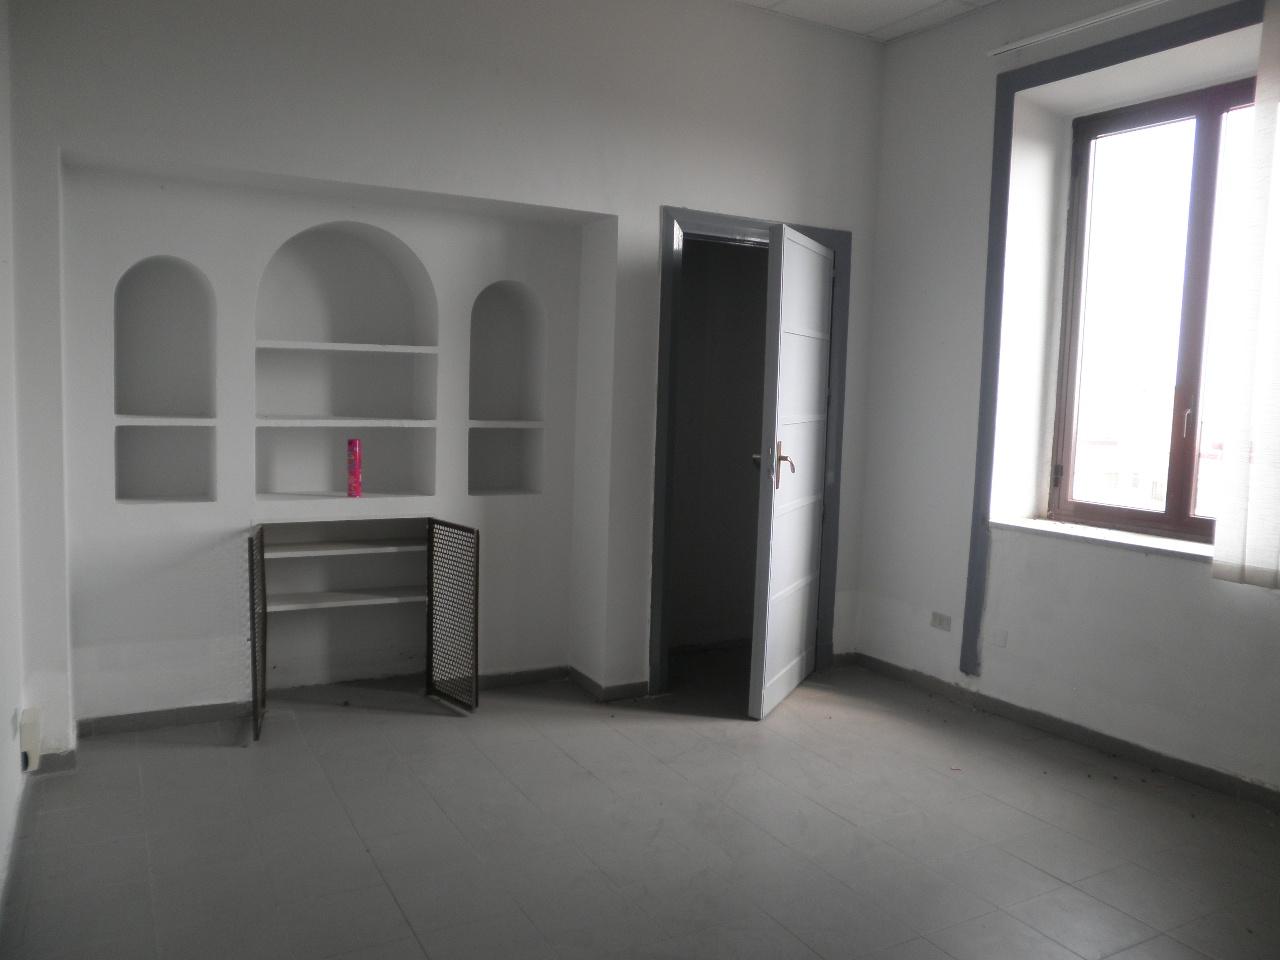 Appartamento uso ufficio in affitto a catanzaro cod 765 f for Affitto appartamento roma uso ufficio